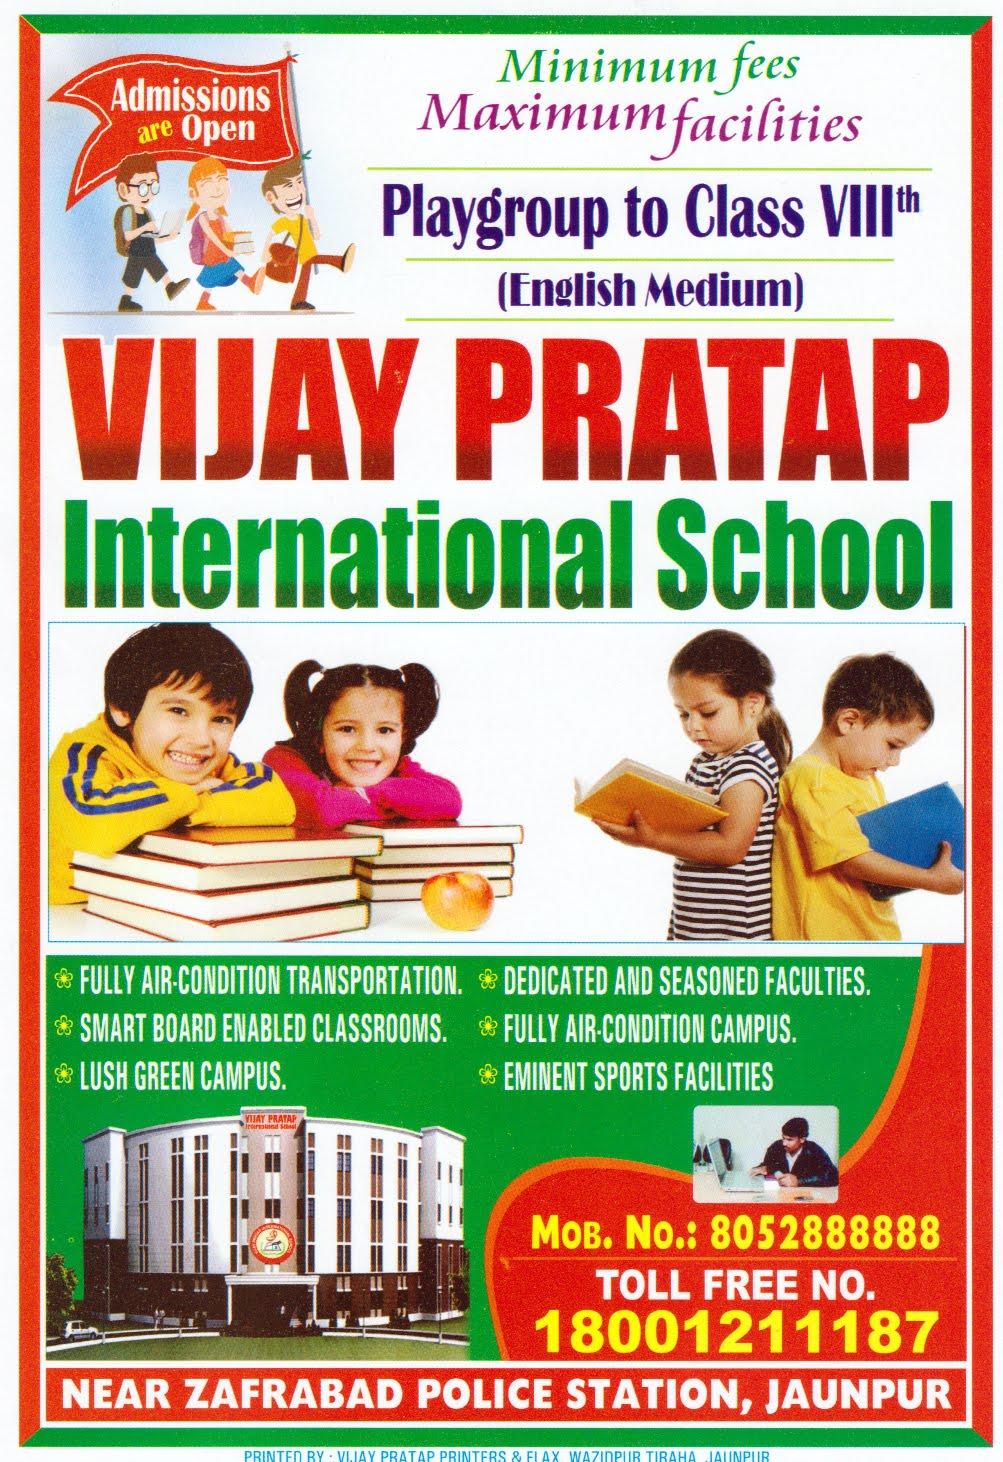 vijay prtap